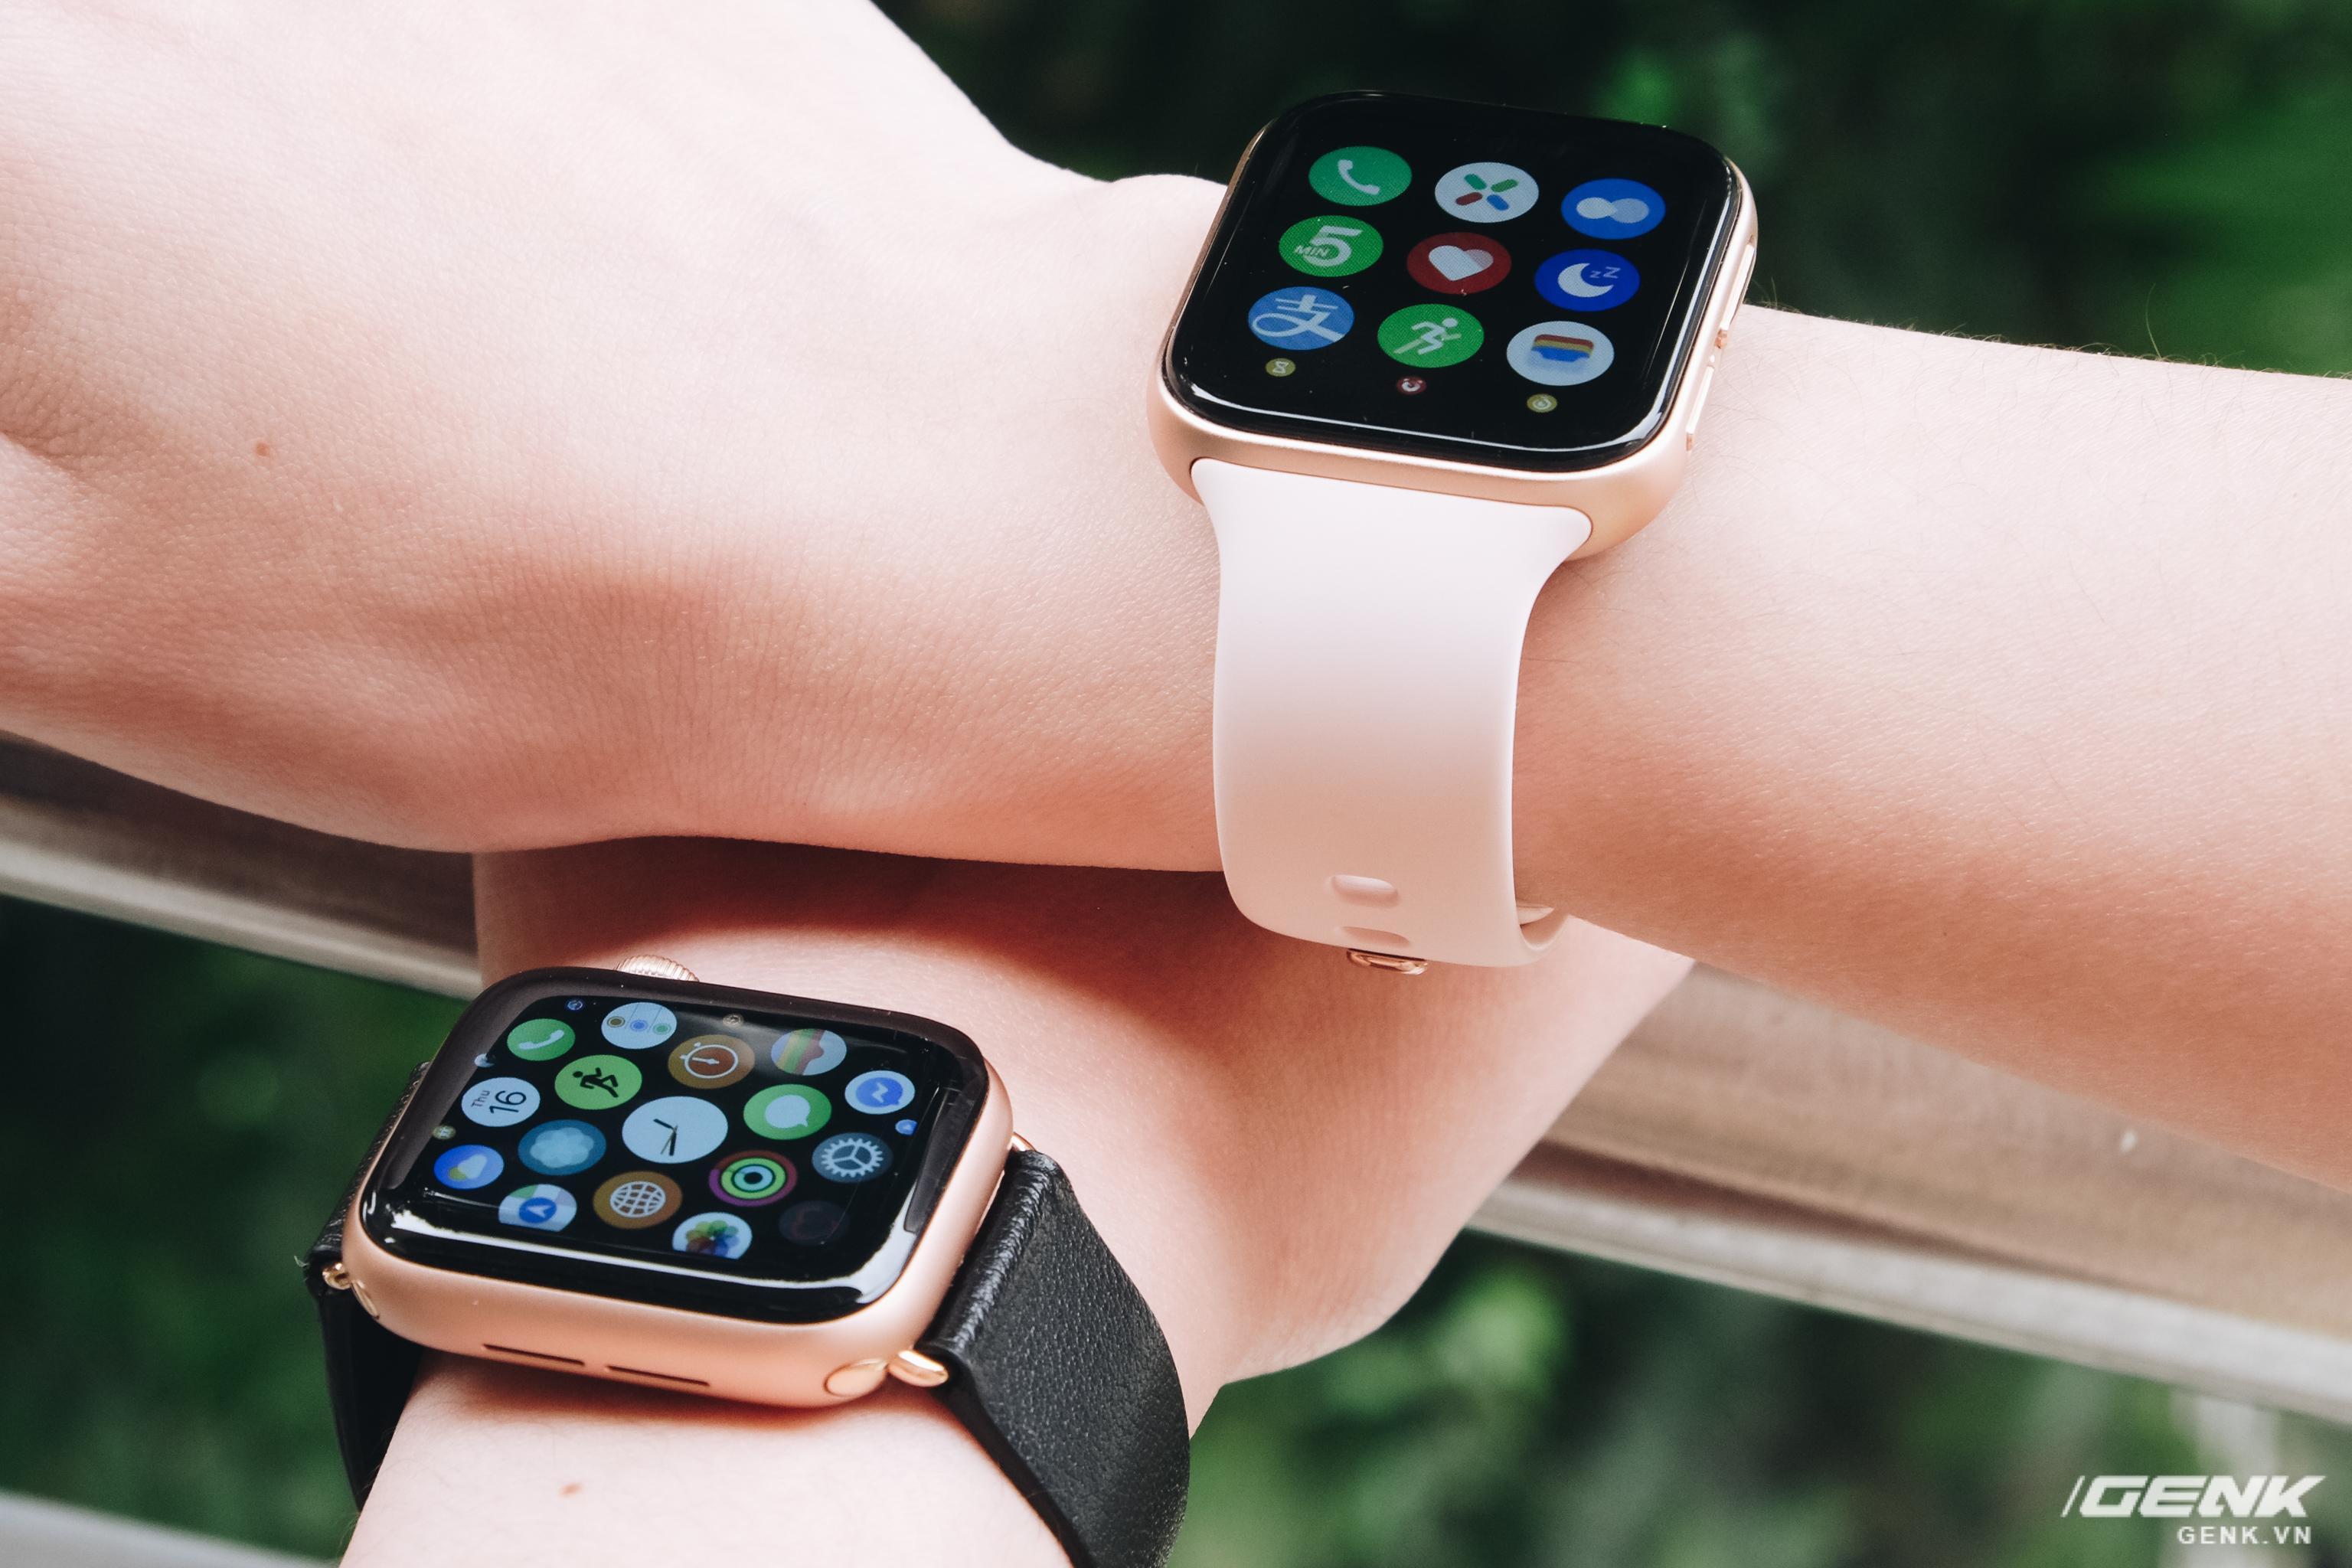 Đánh giá chi tiết đồng hồ Smartwatch Oppo bạn cần biết